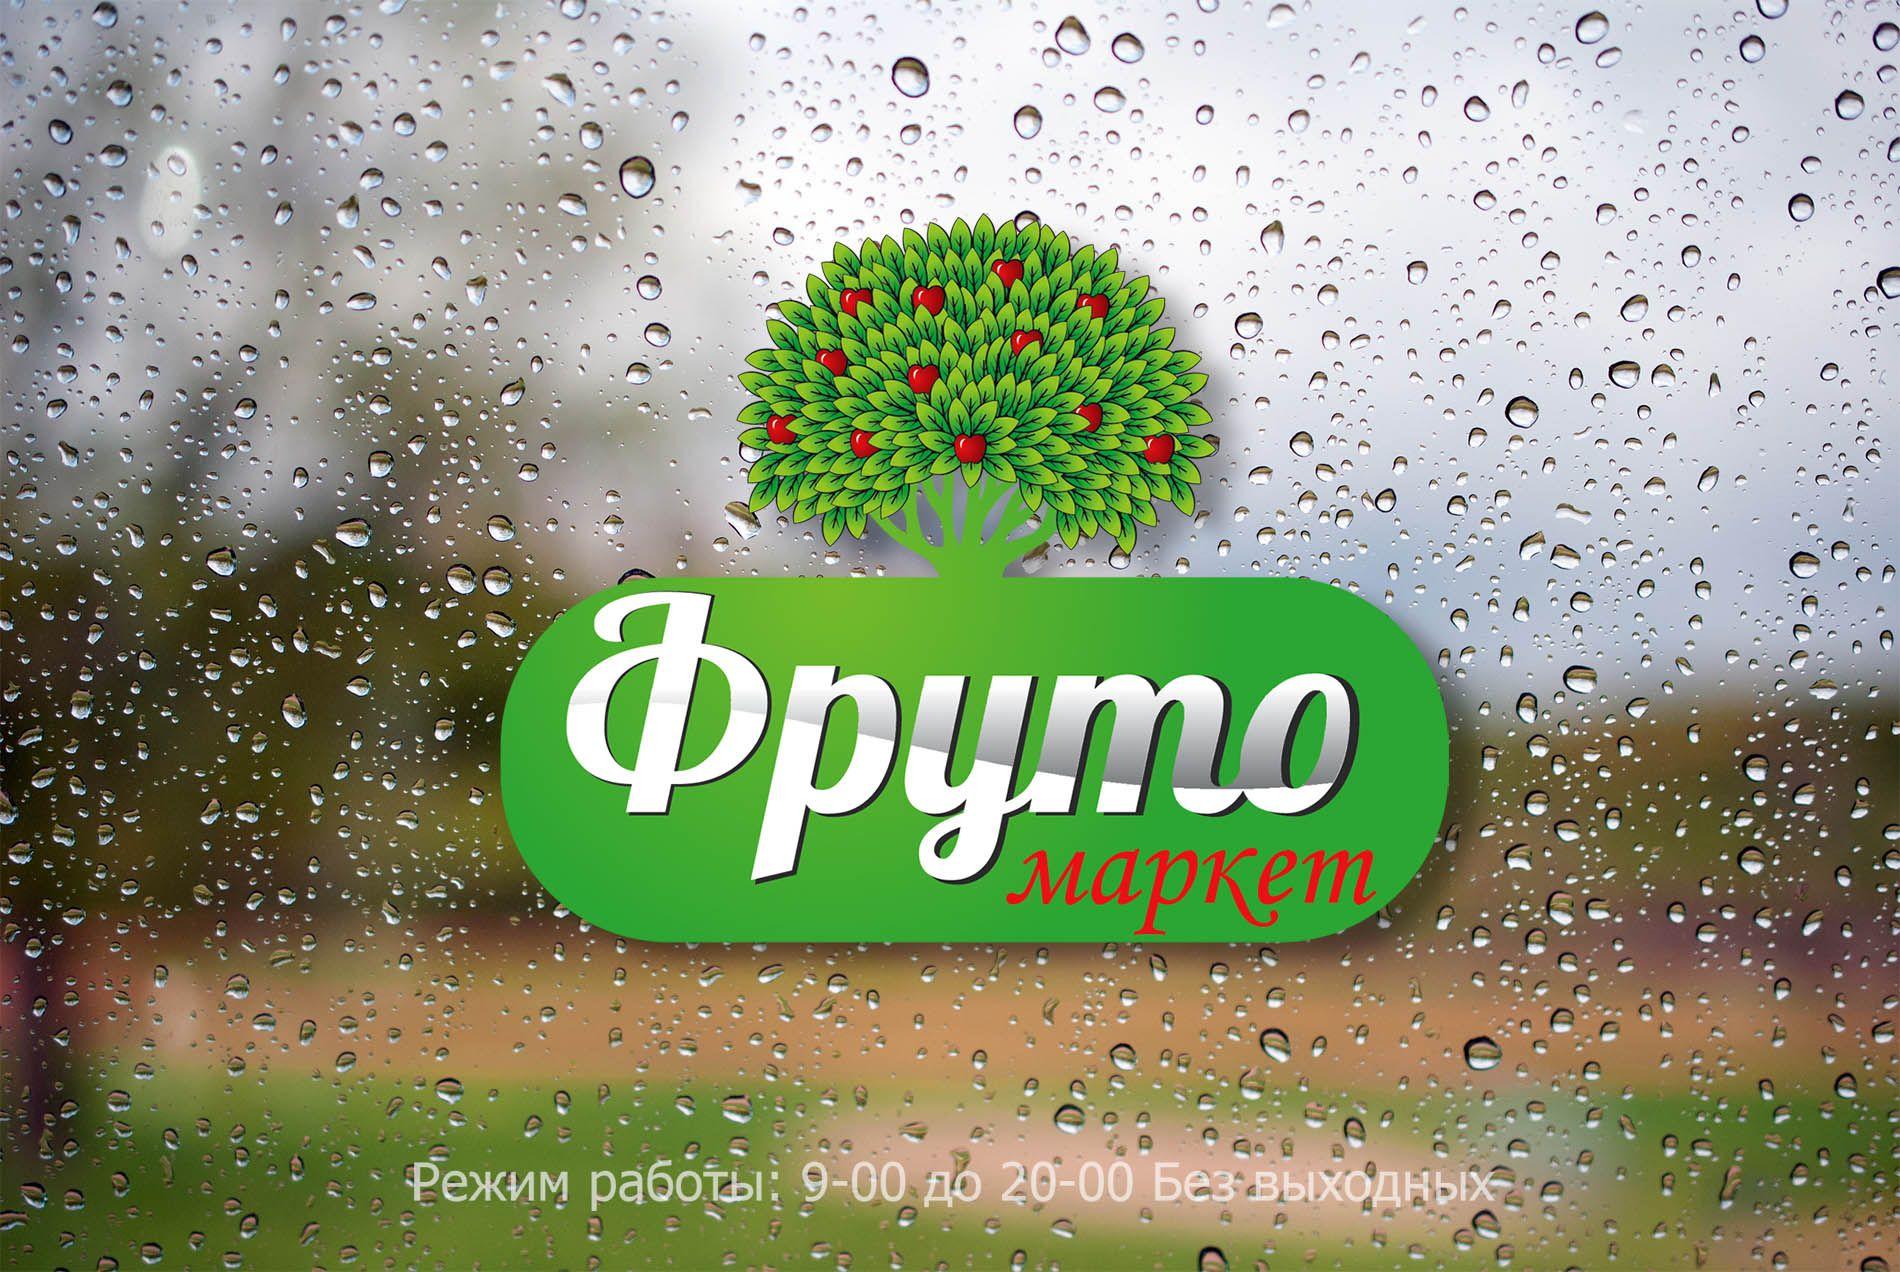 Логотип-вывеска фруктово-овощных магазинов премиум - дизайнер ohotnikof